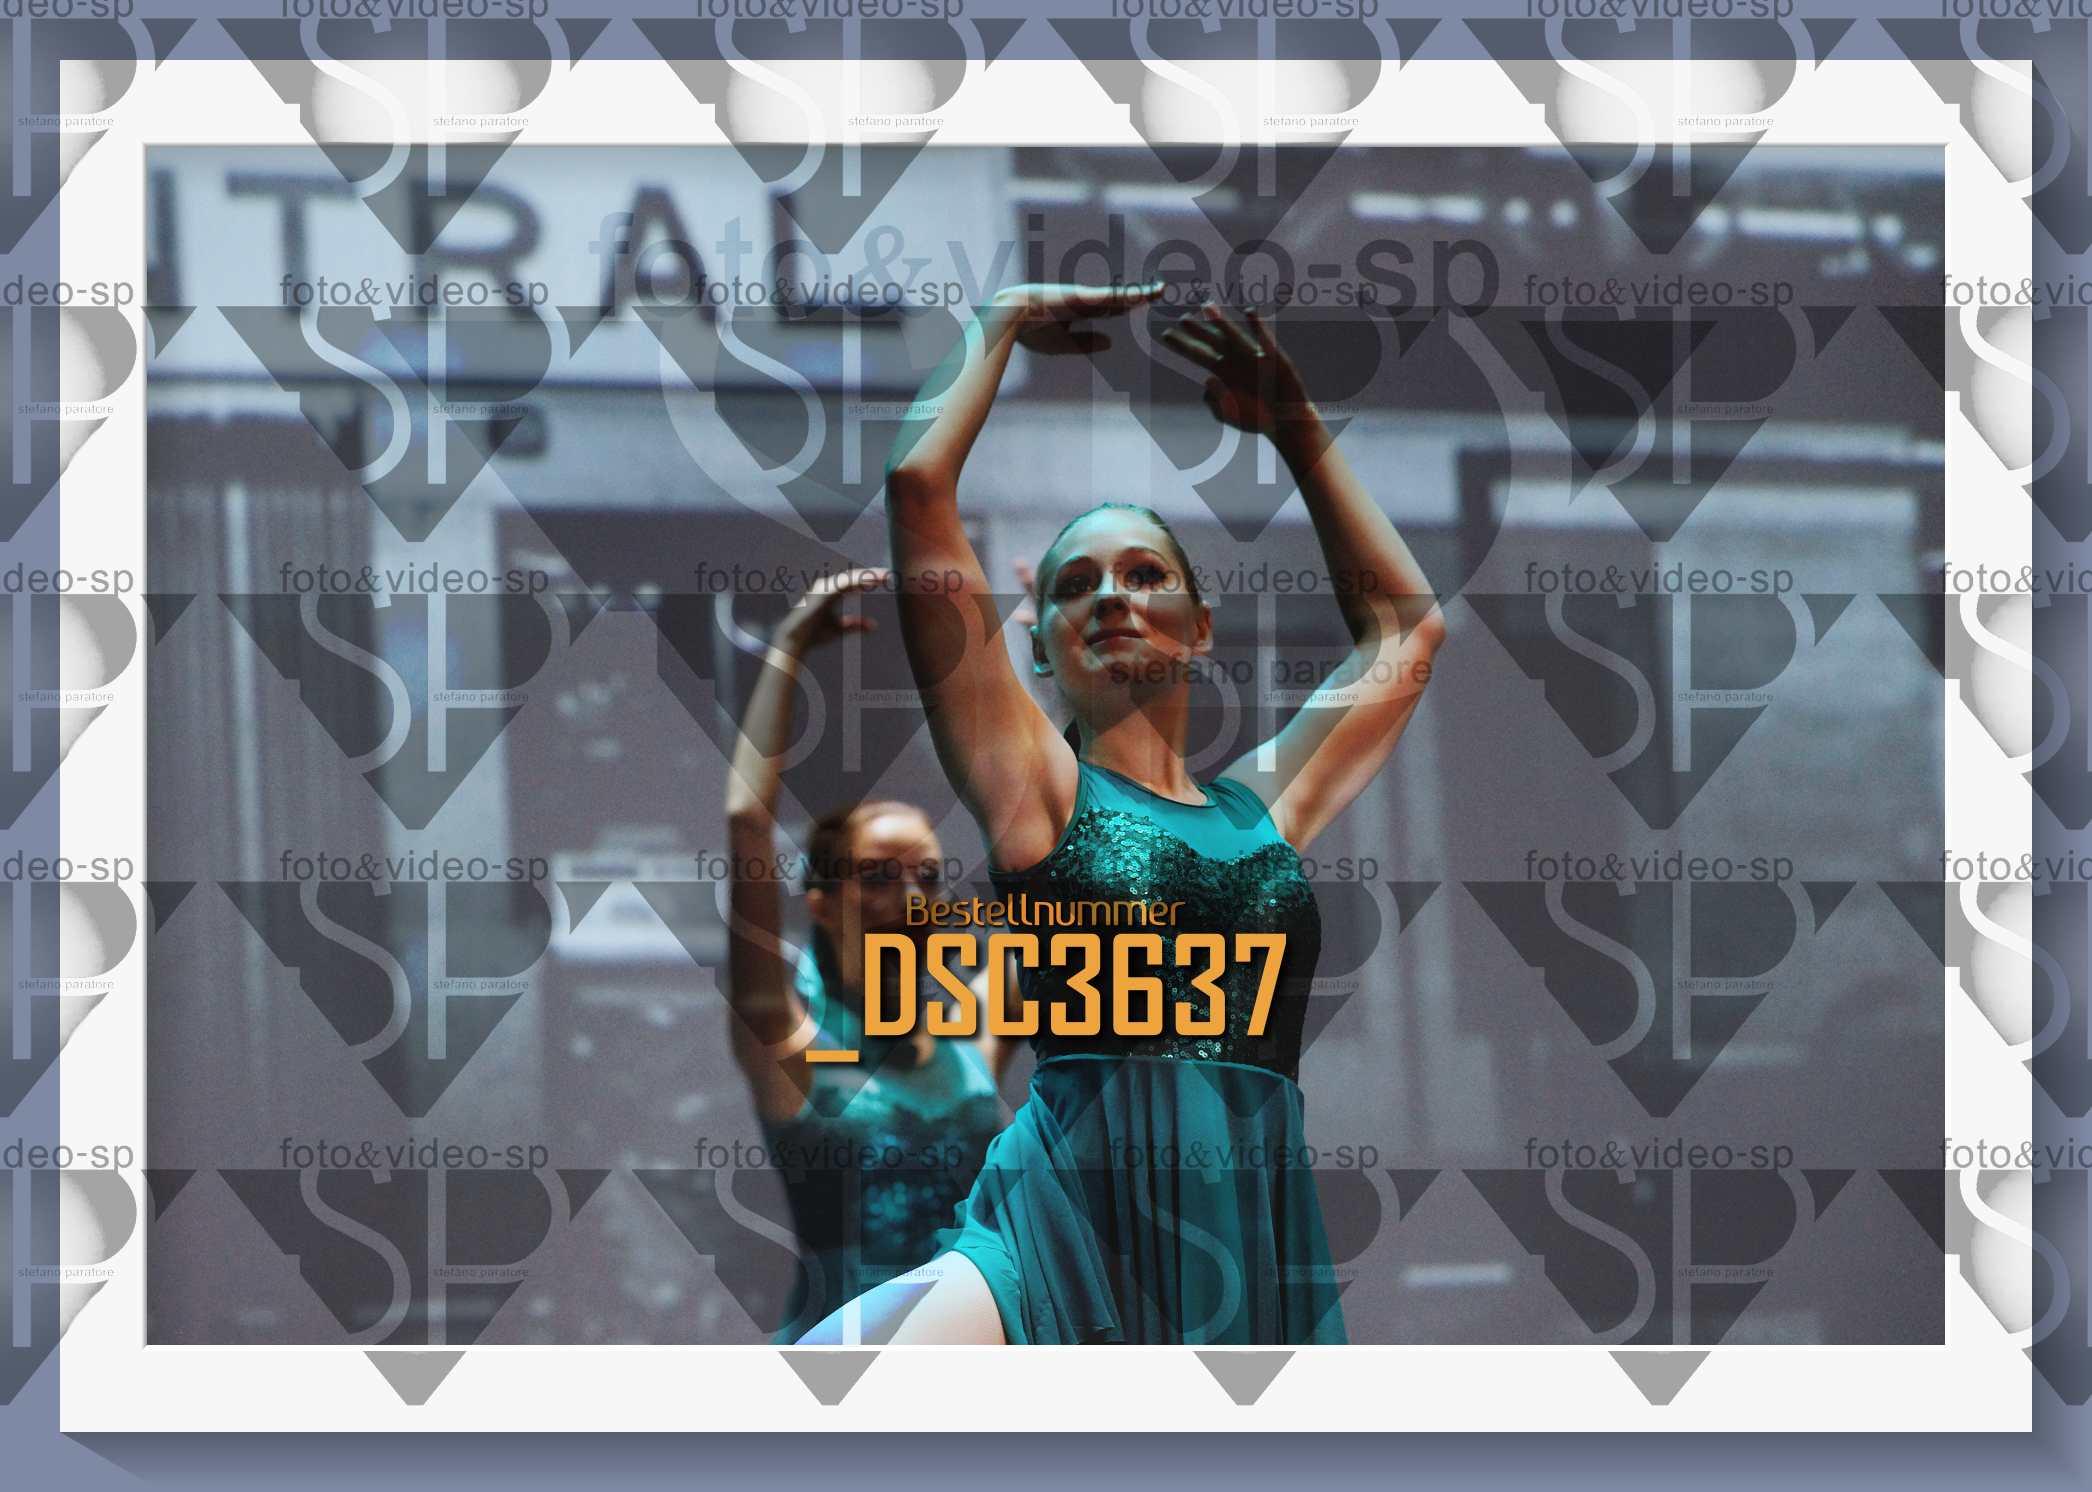 DSC3637